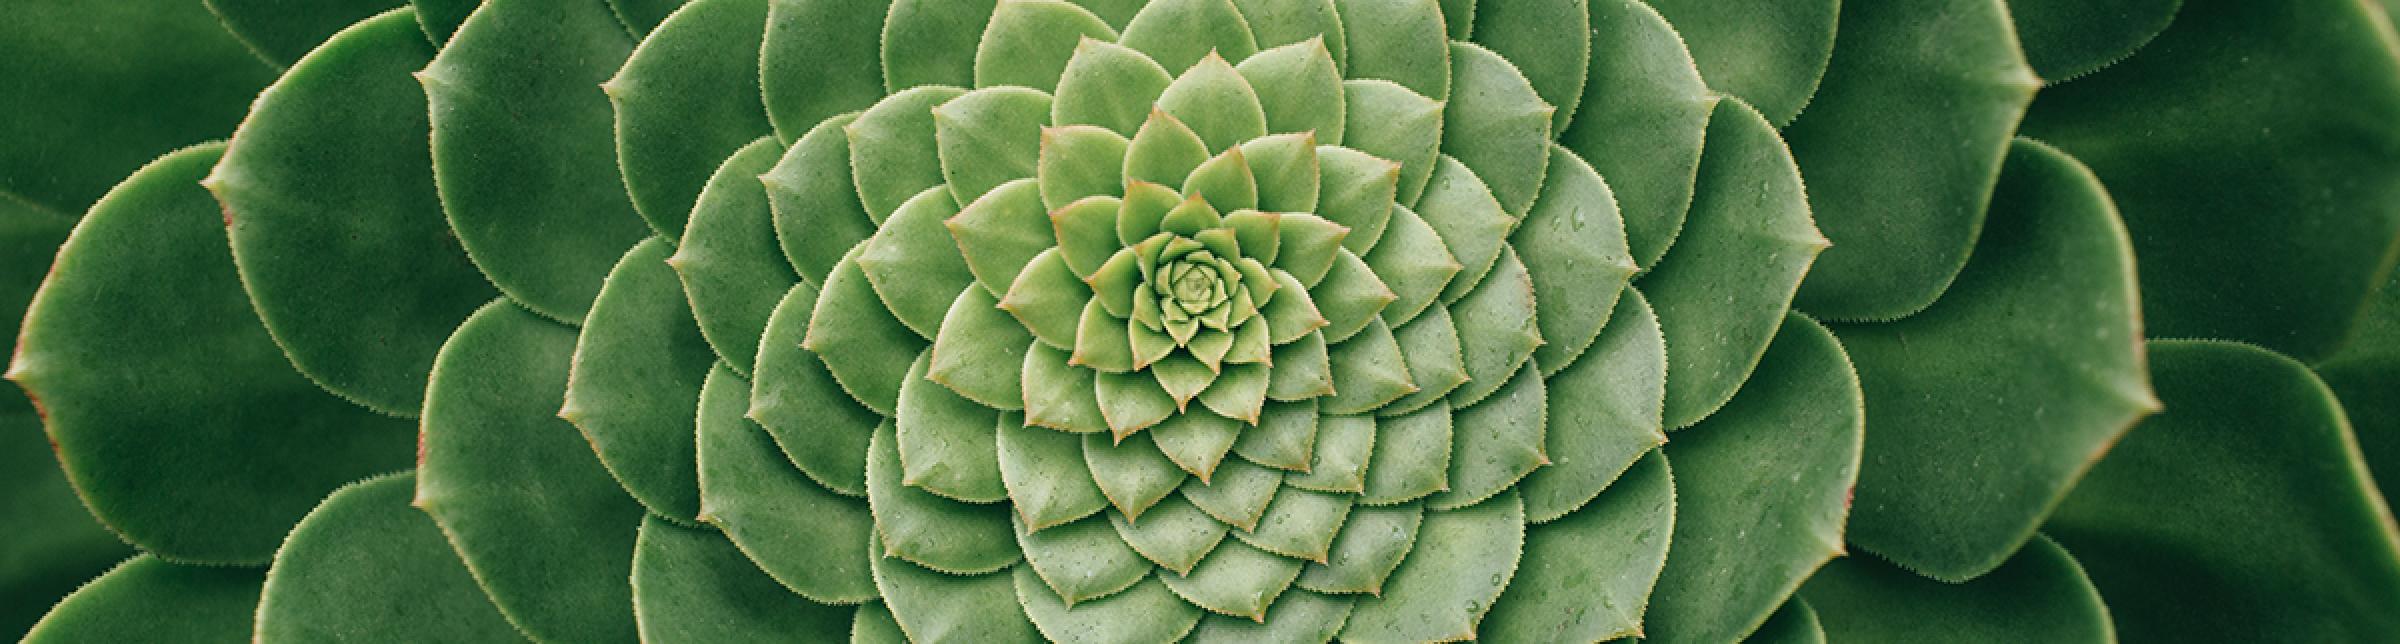 Primo piano di una pianta grassa a foglie larghe